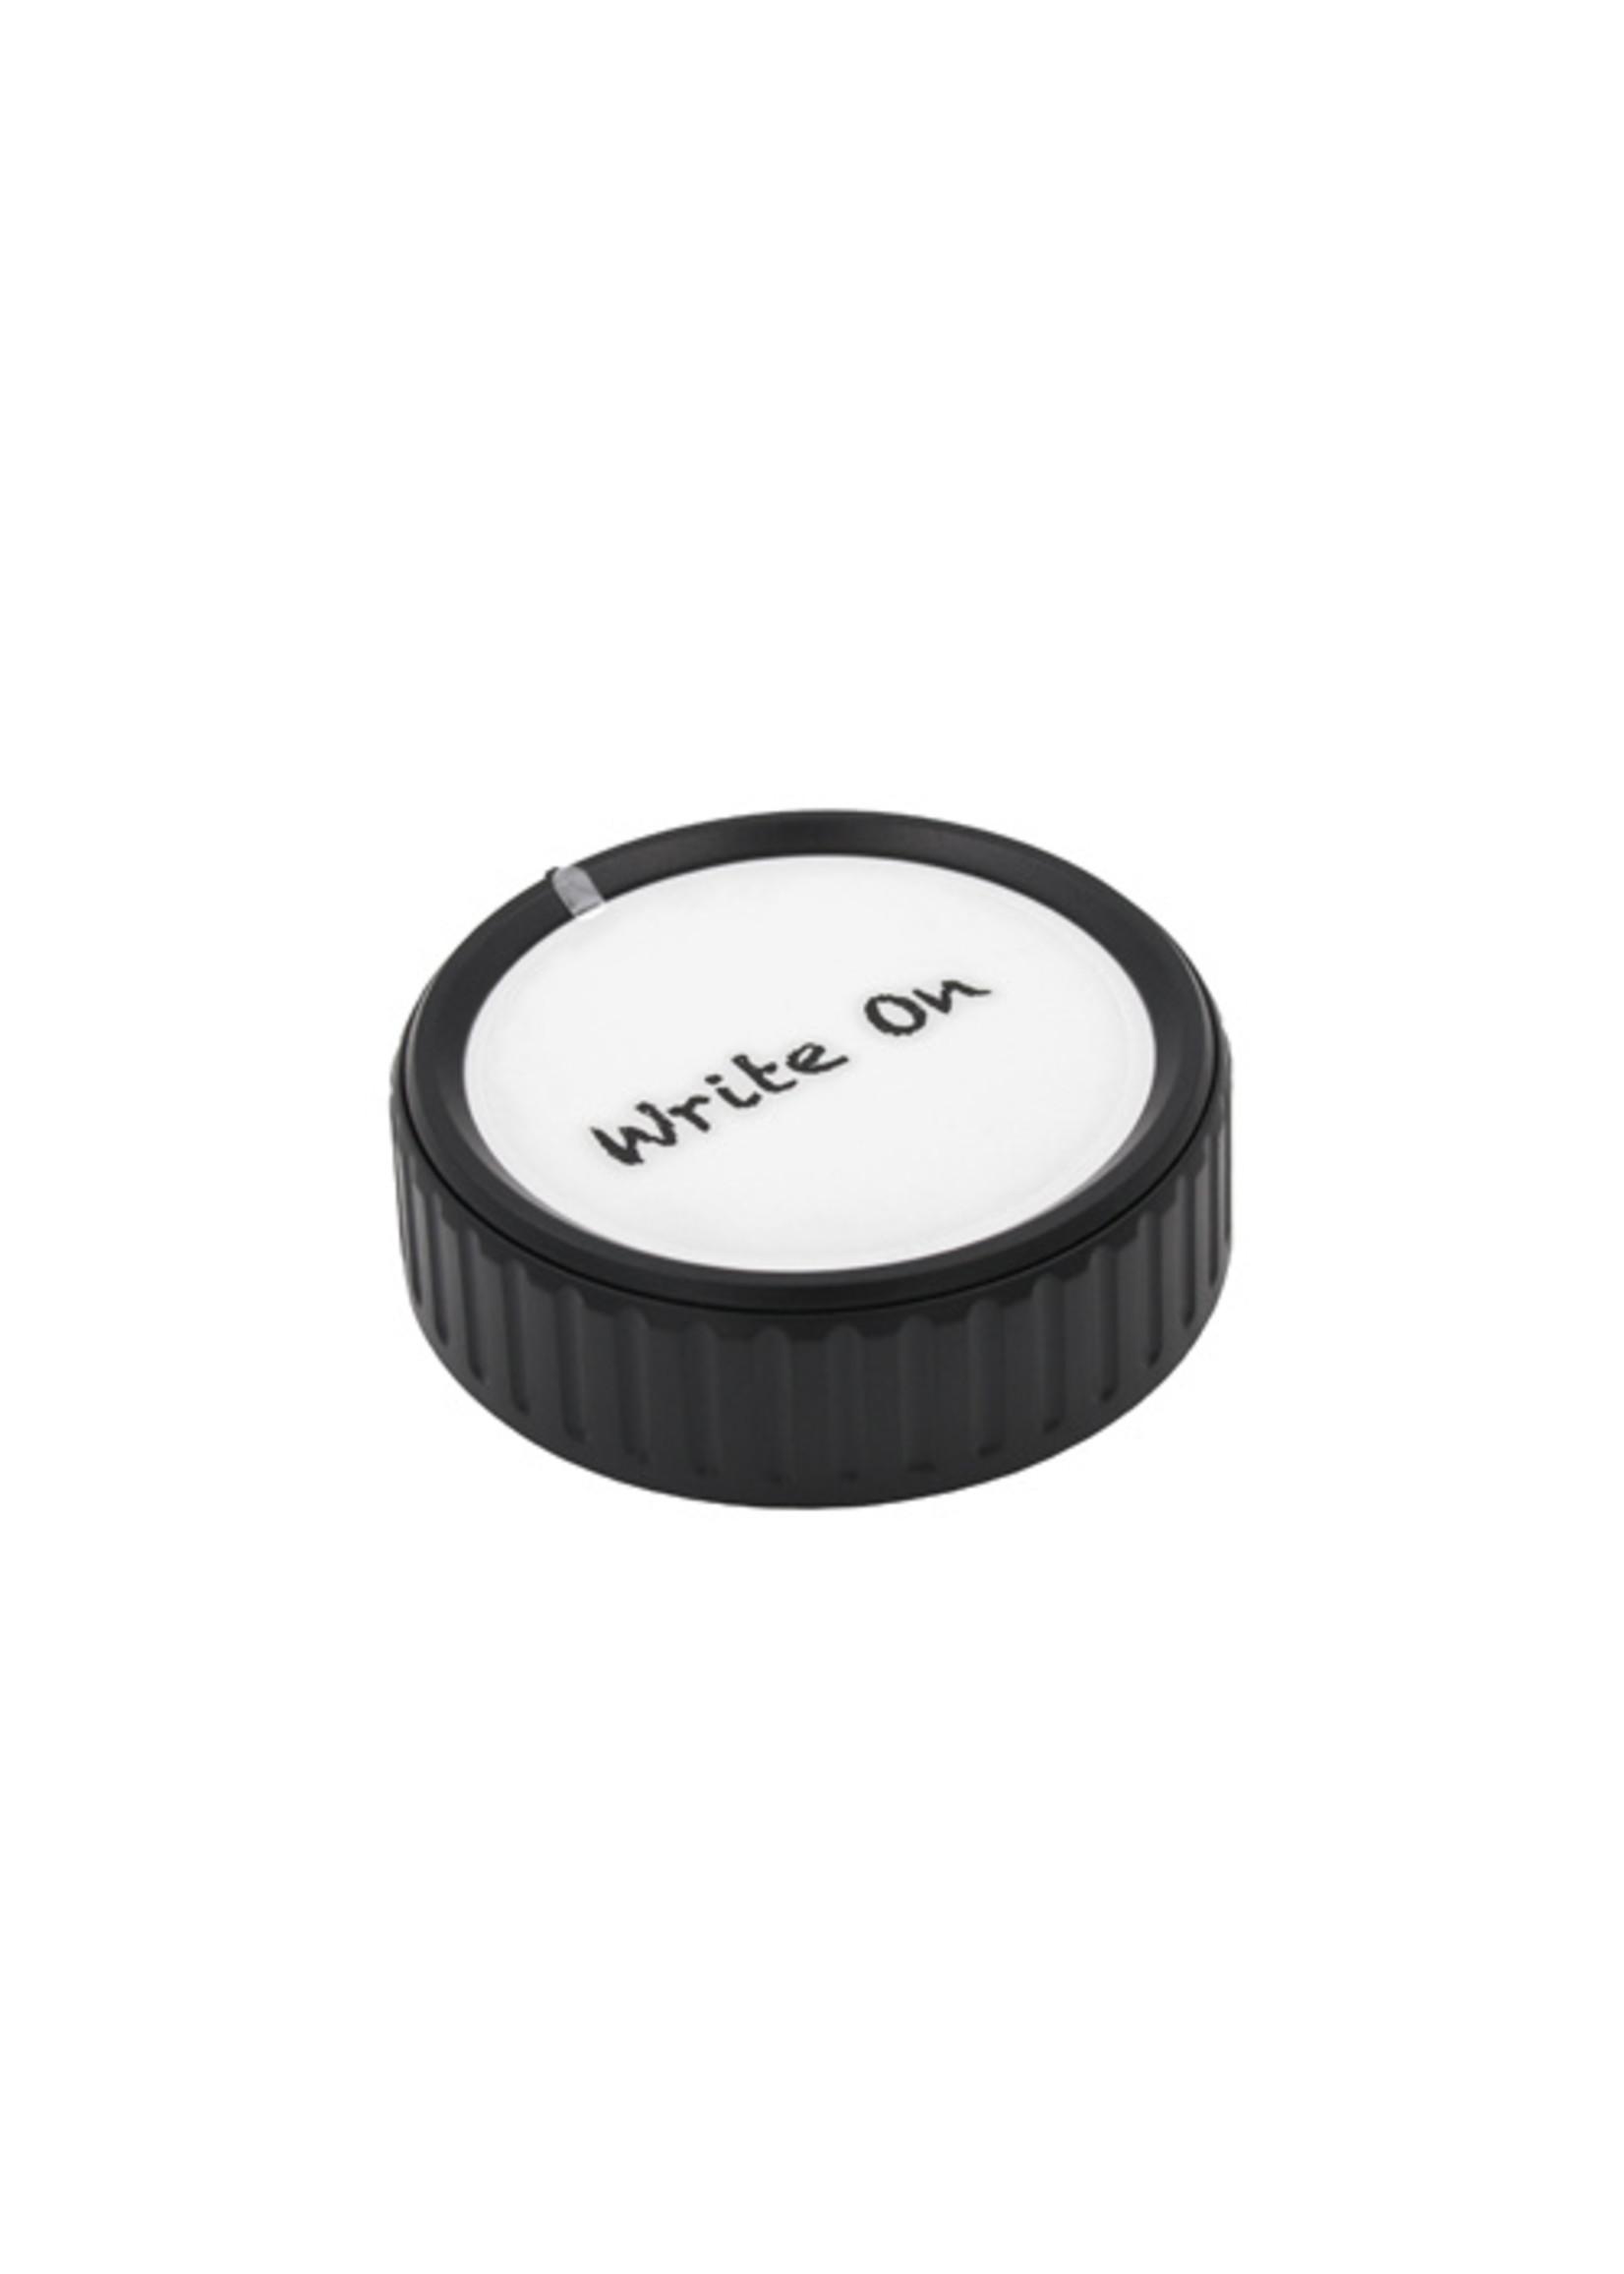 ProMaster ProMaster - Write on Rear Cap - Nikon